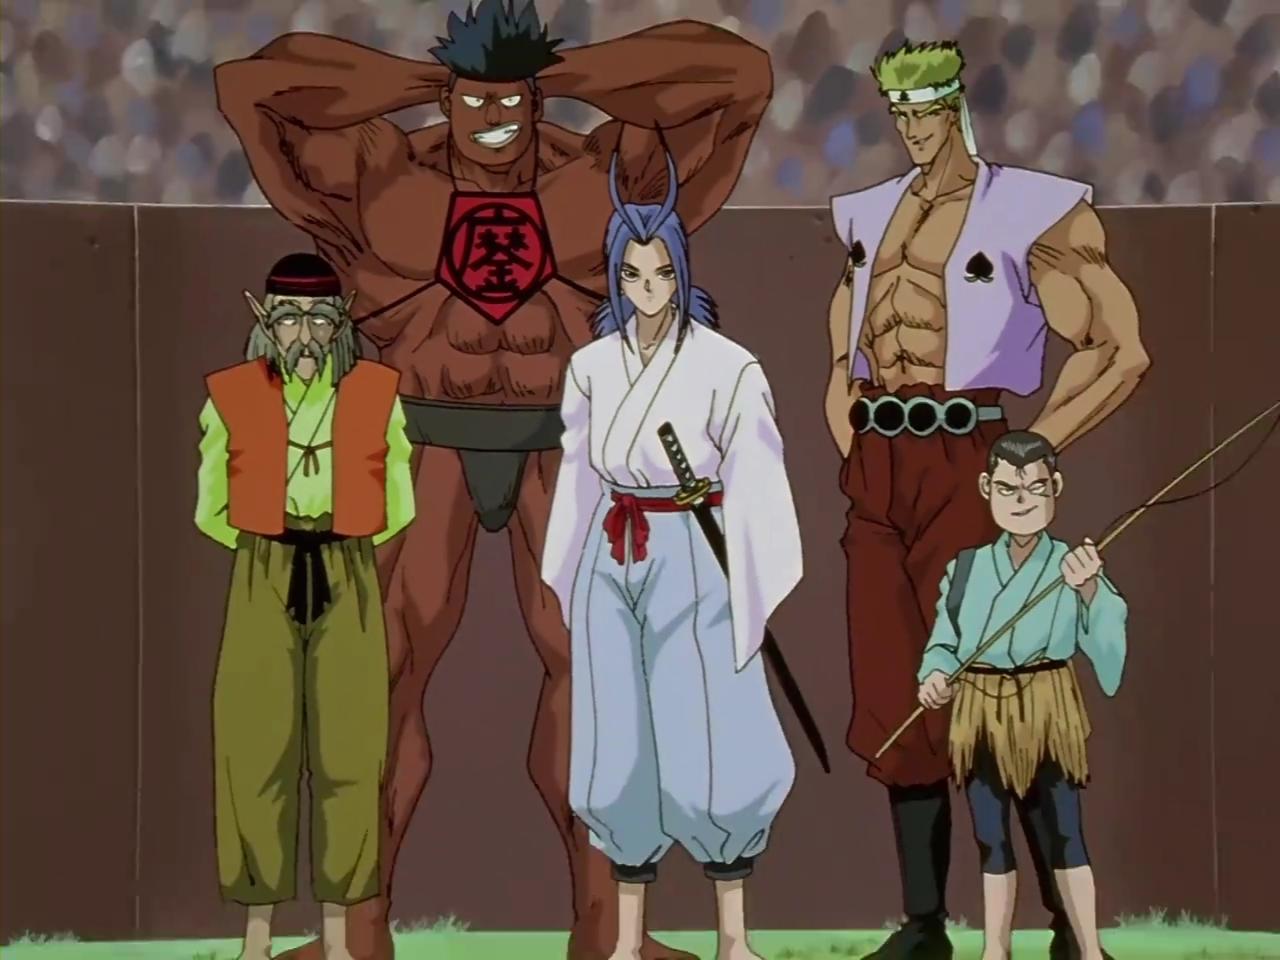 Team Uraotogi